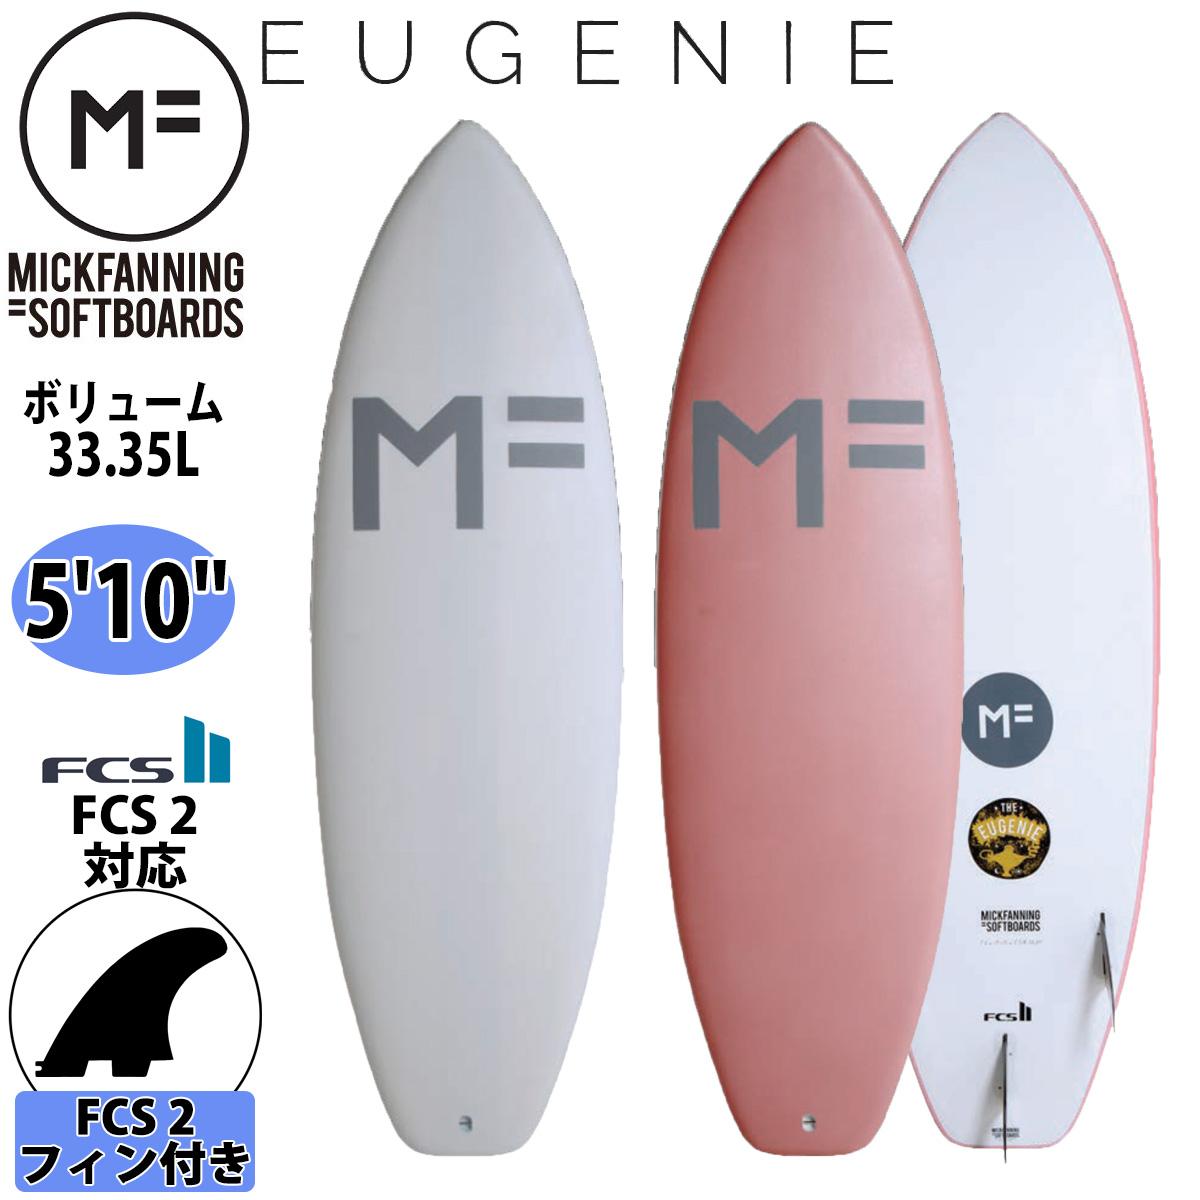 出荷 あす楽 即日出荷 2021年モデル MF ミックファニング ソフトボード サーフボード EUGENIE 5'10 ユージニー デポー MICK soft F20-MF-EUC-510 F20-MF-EUW-510 boards SOFTBOARD シリーズ 日本正規品 品番 FANNING